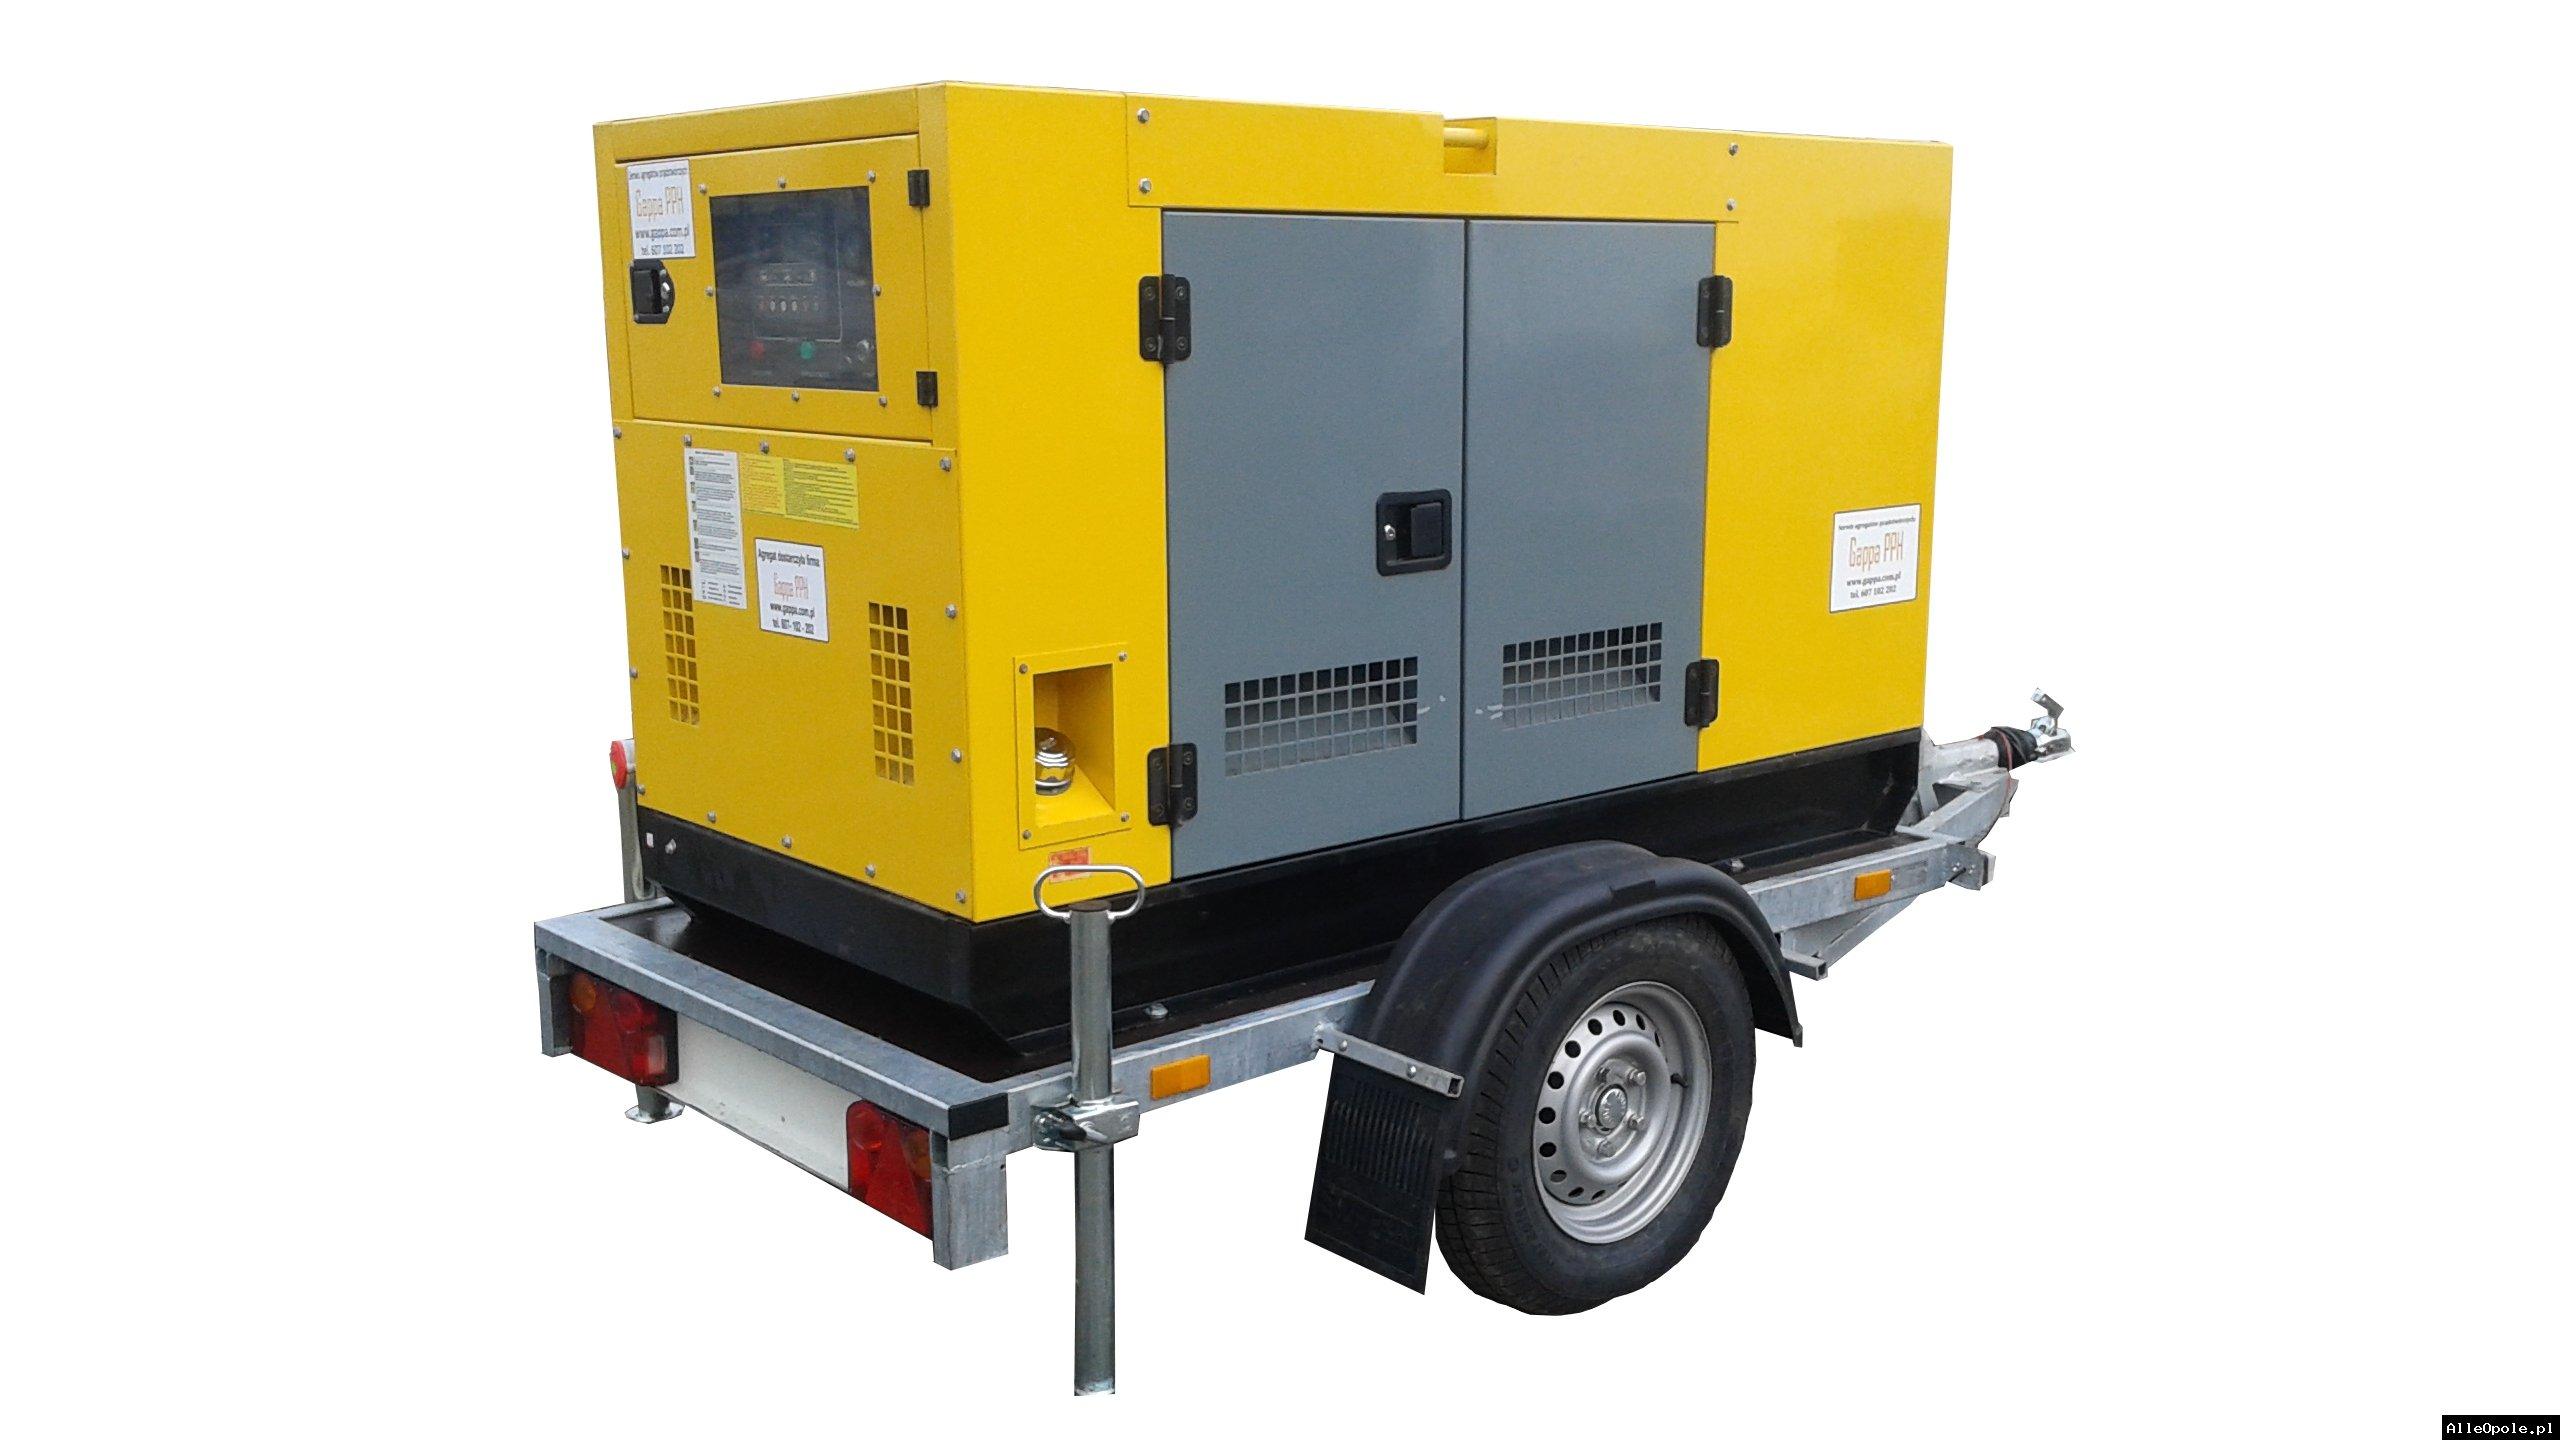 wynajmę, najmę agregaty prądotwórcze, generator pradu